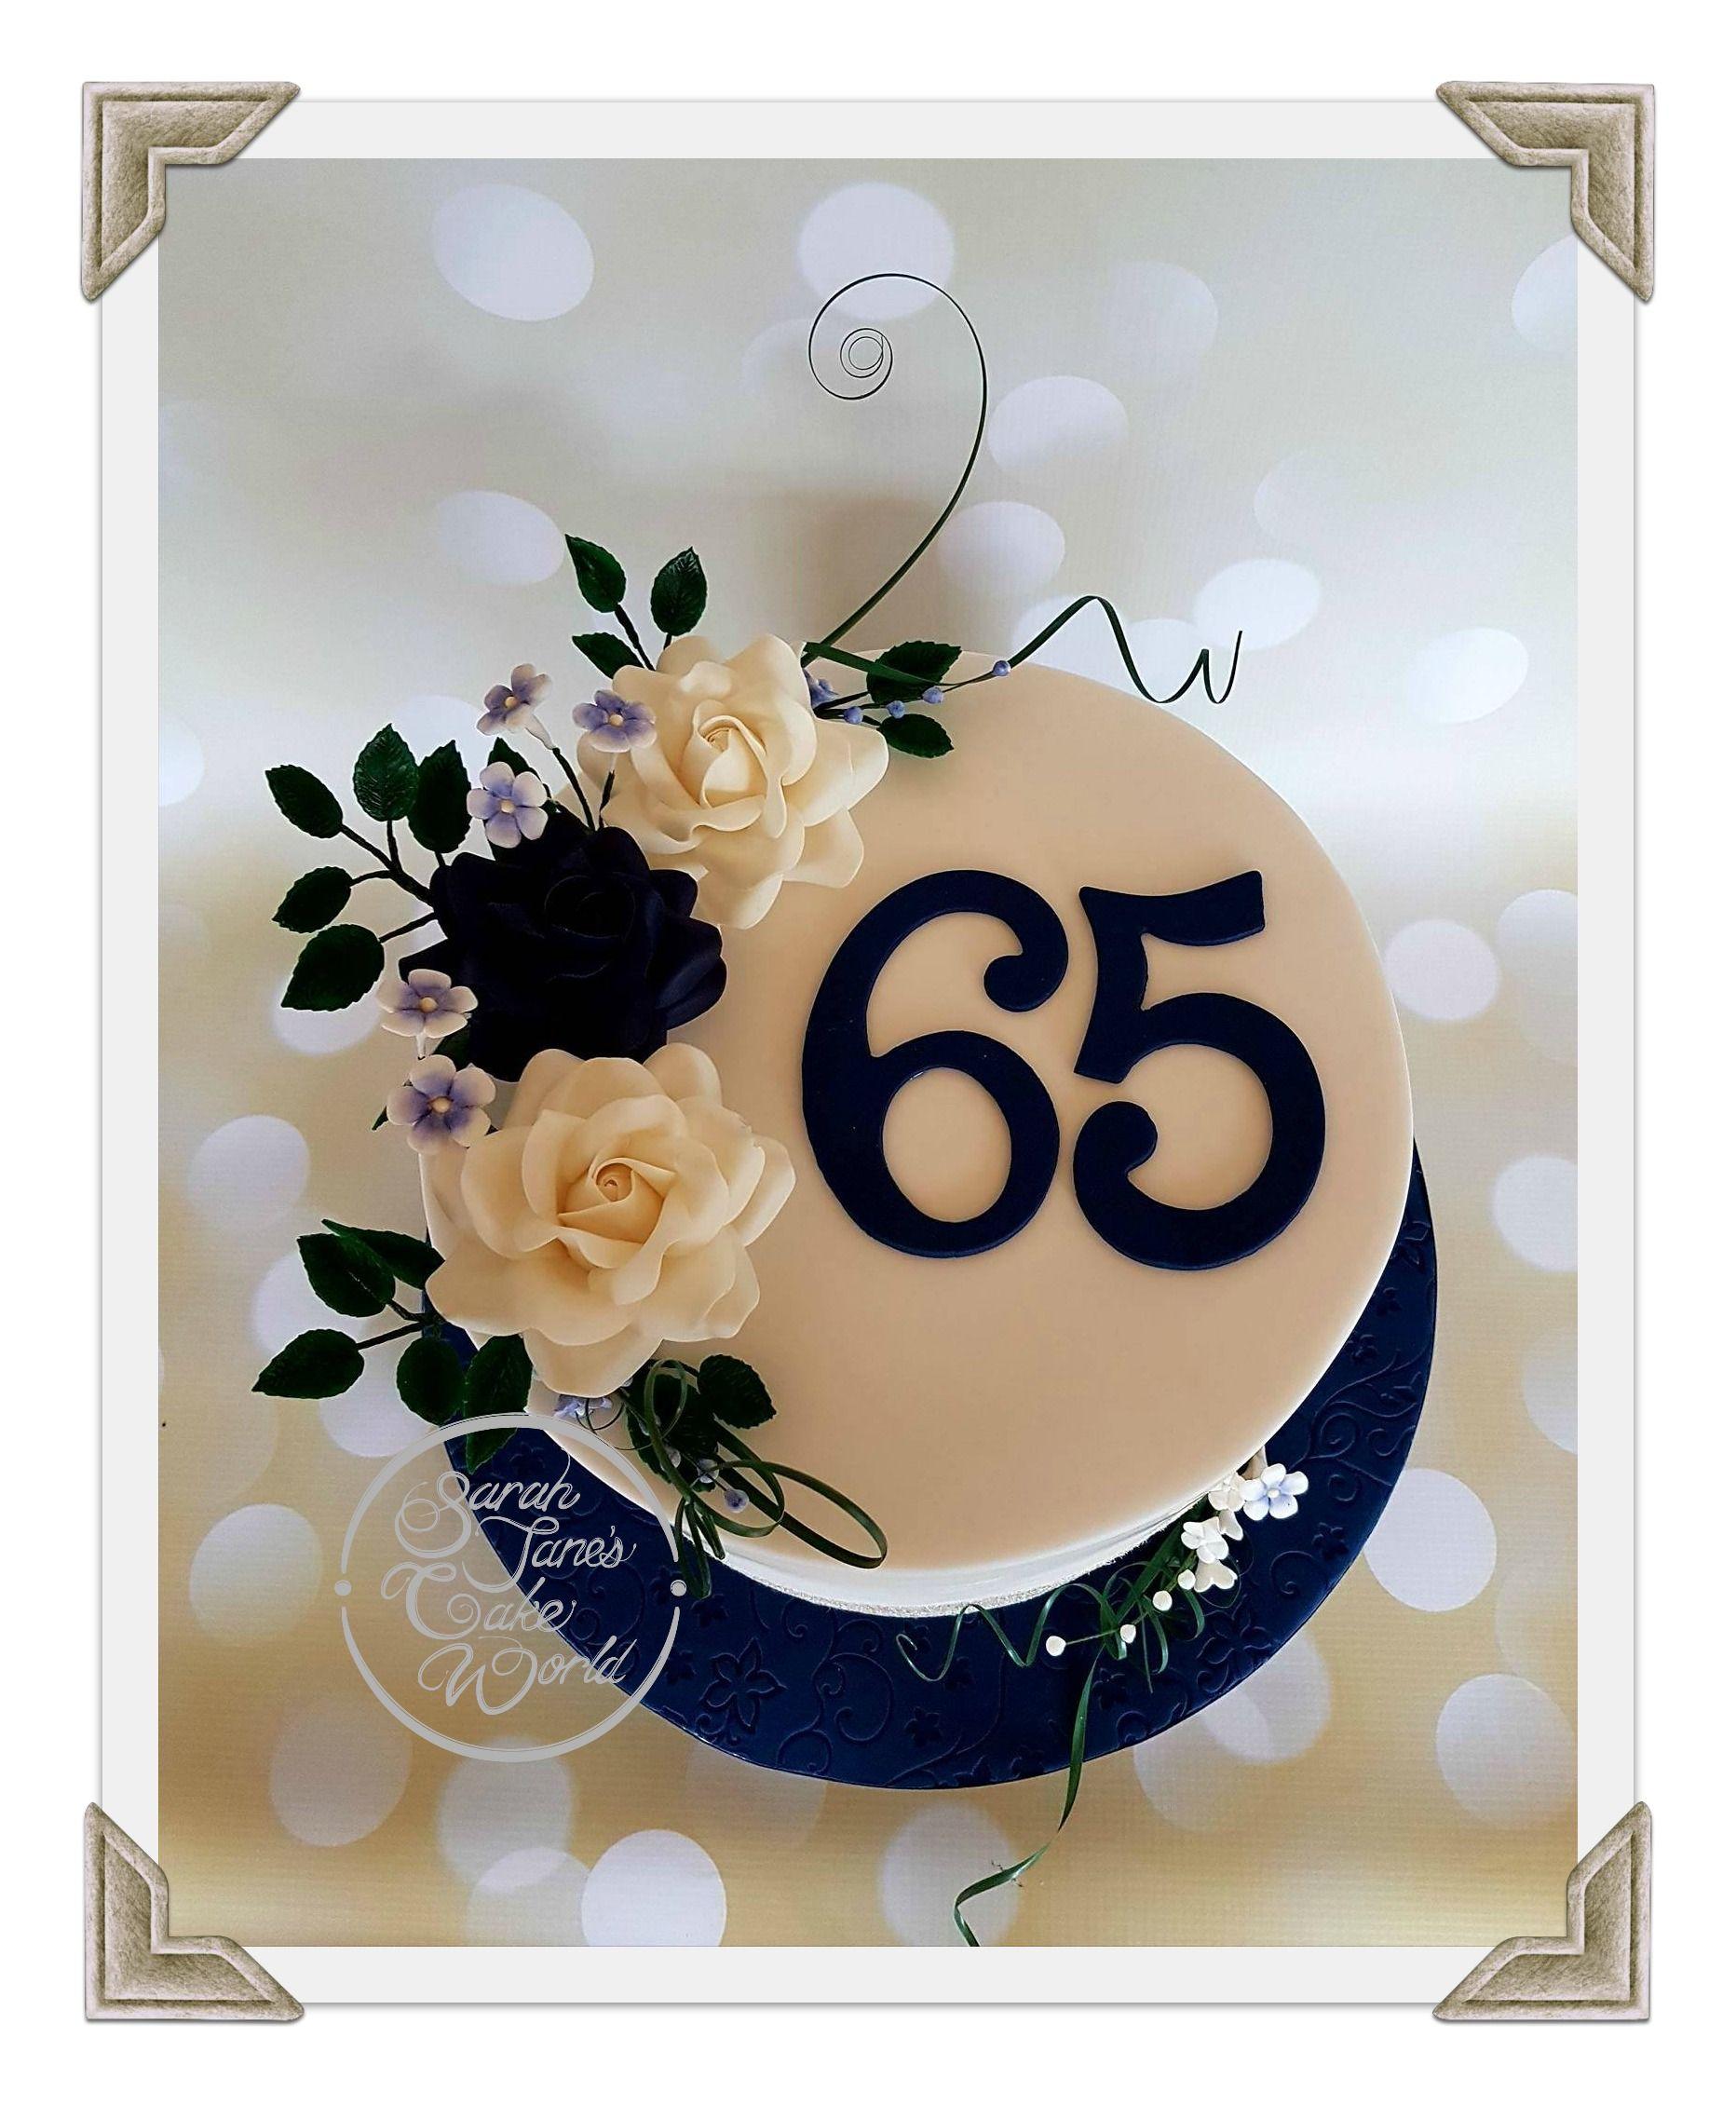 65th (sapphire) Wedding Anniversary Cake